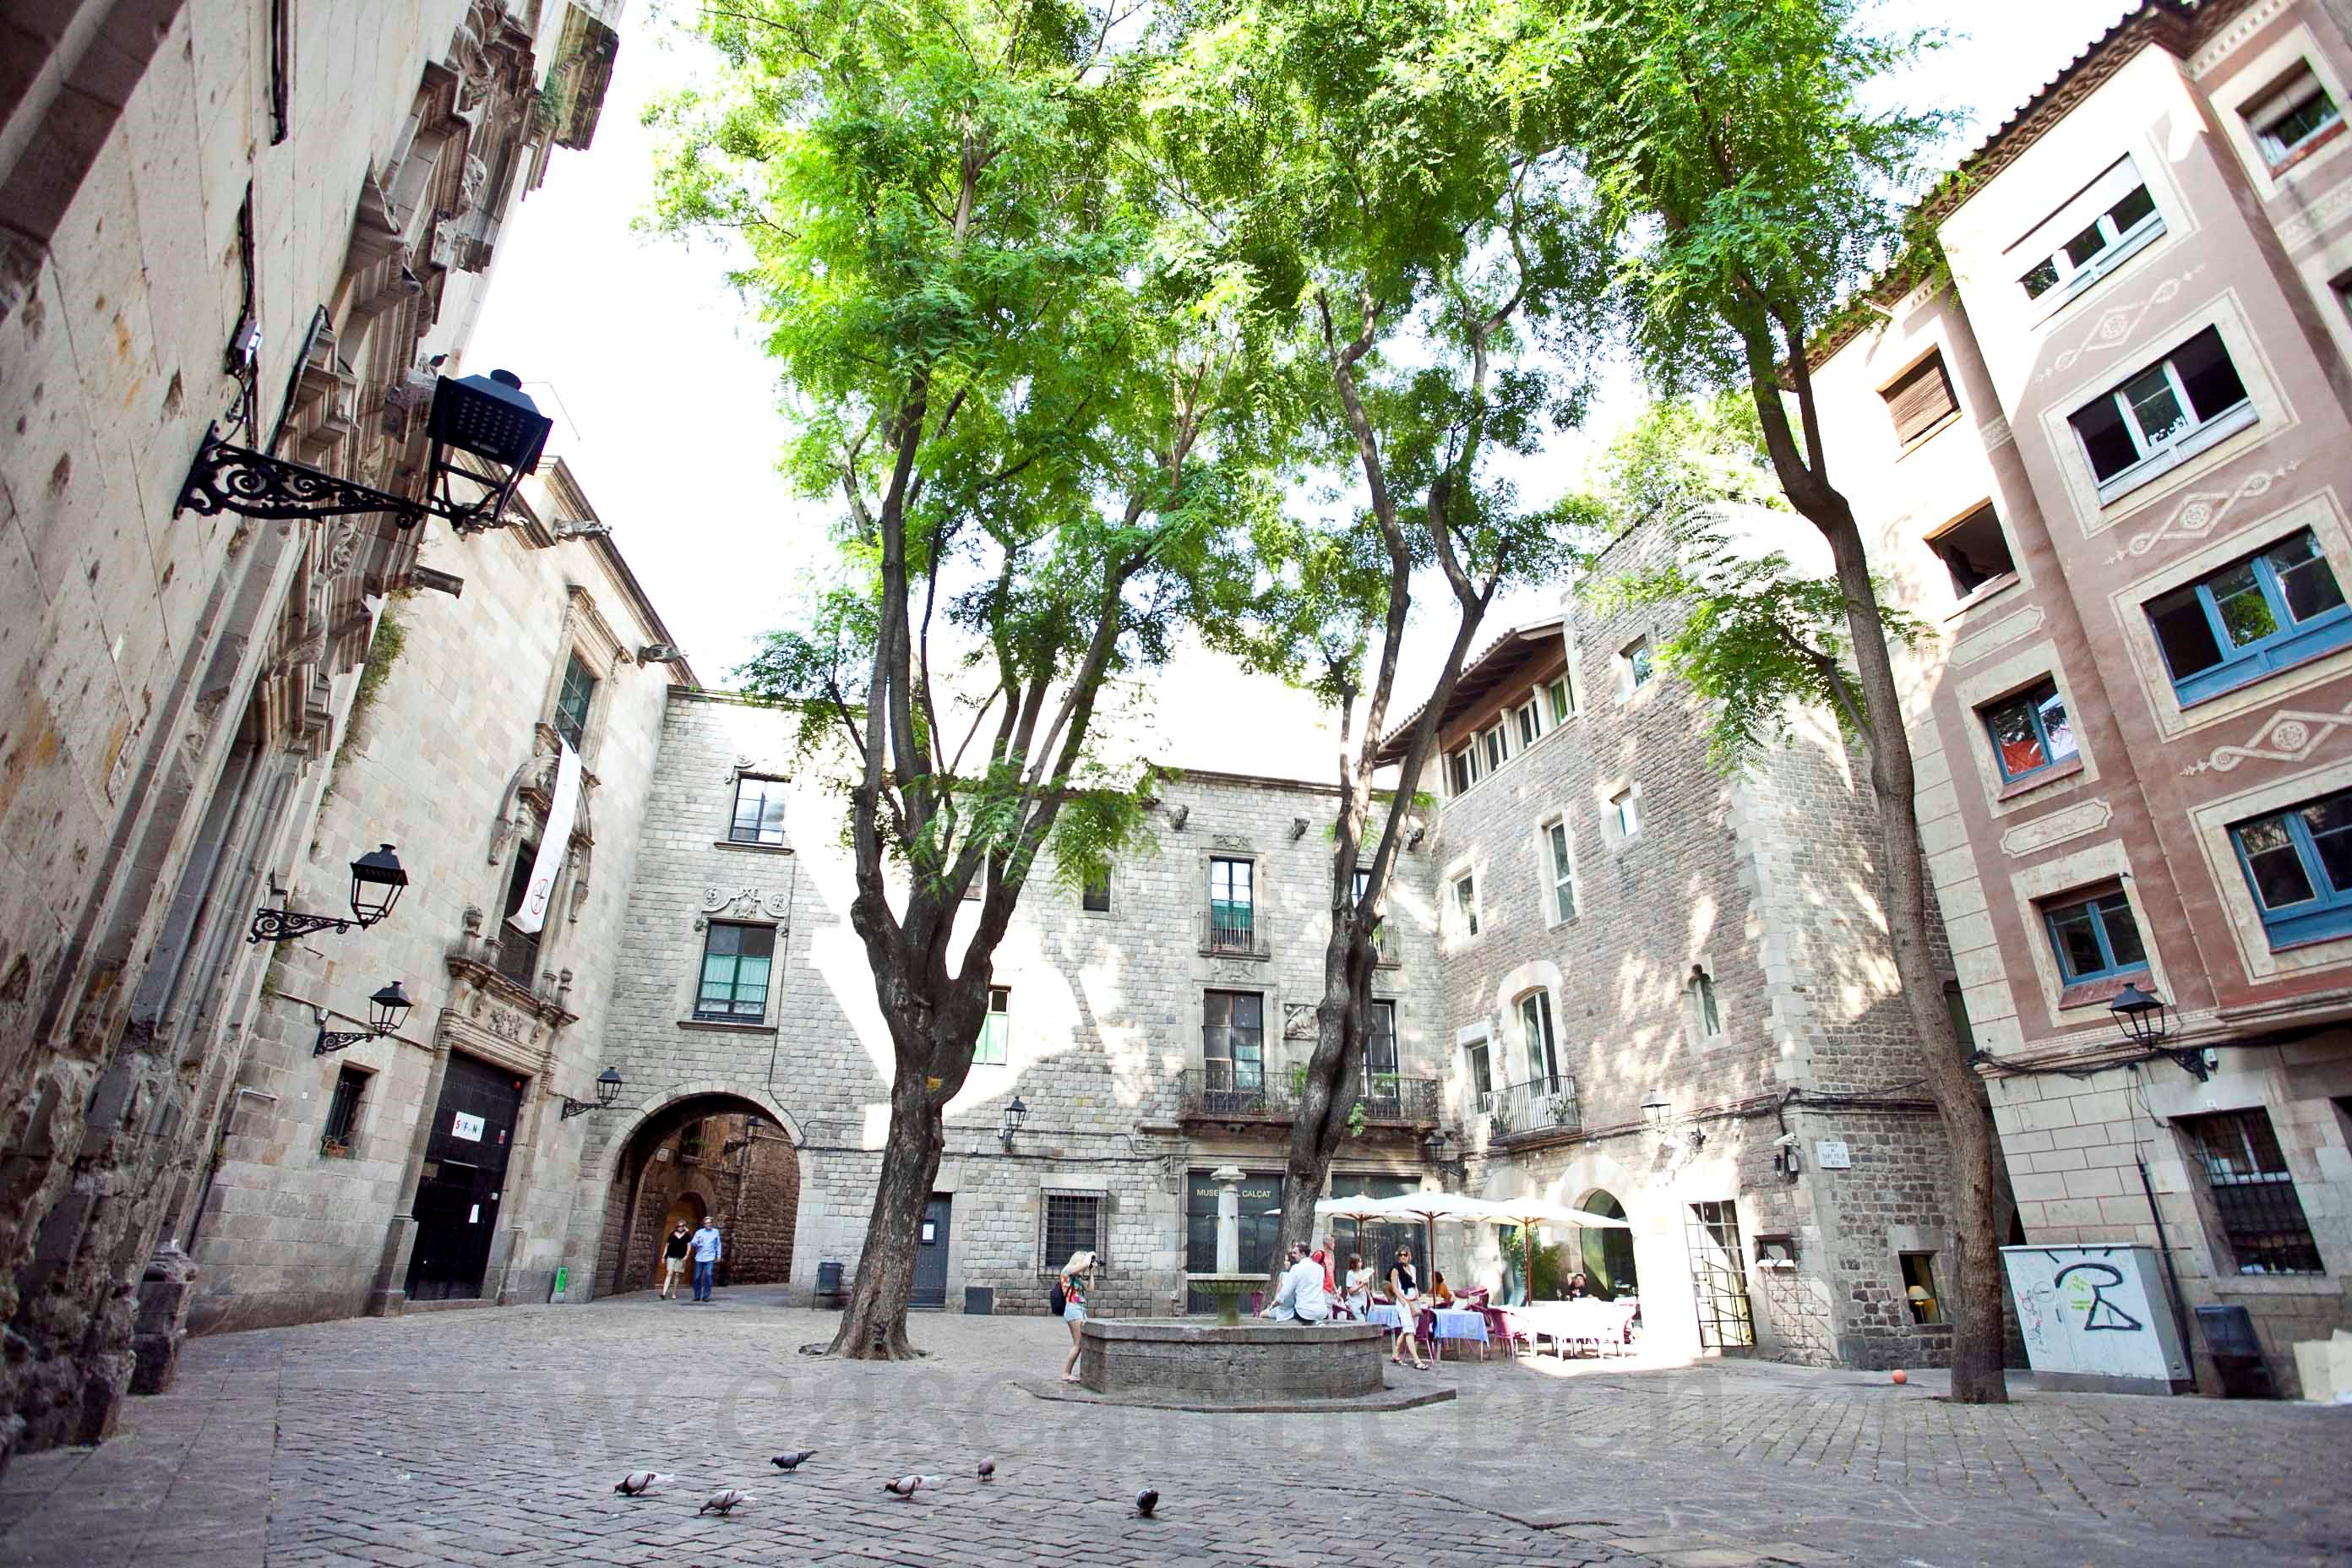 Alquilar un piso en el casco antiguo vivir en el coraz n - Casco antiguo de barcelona ...